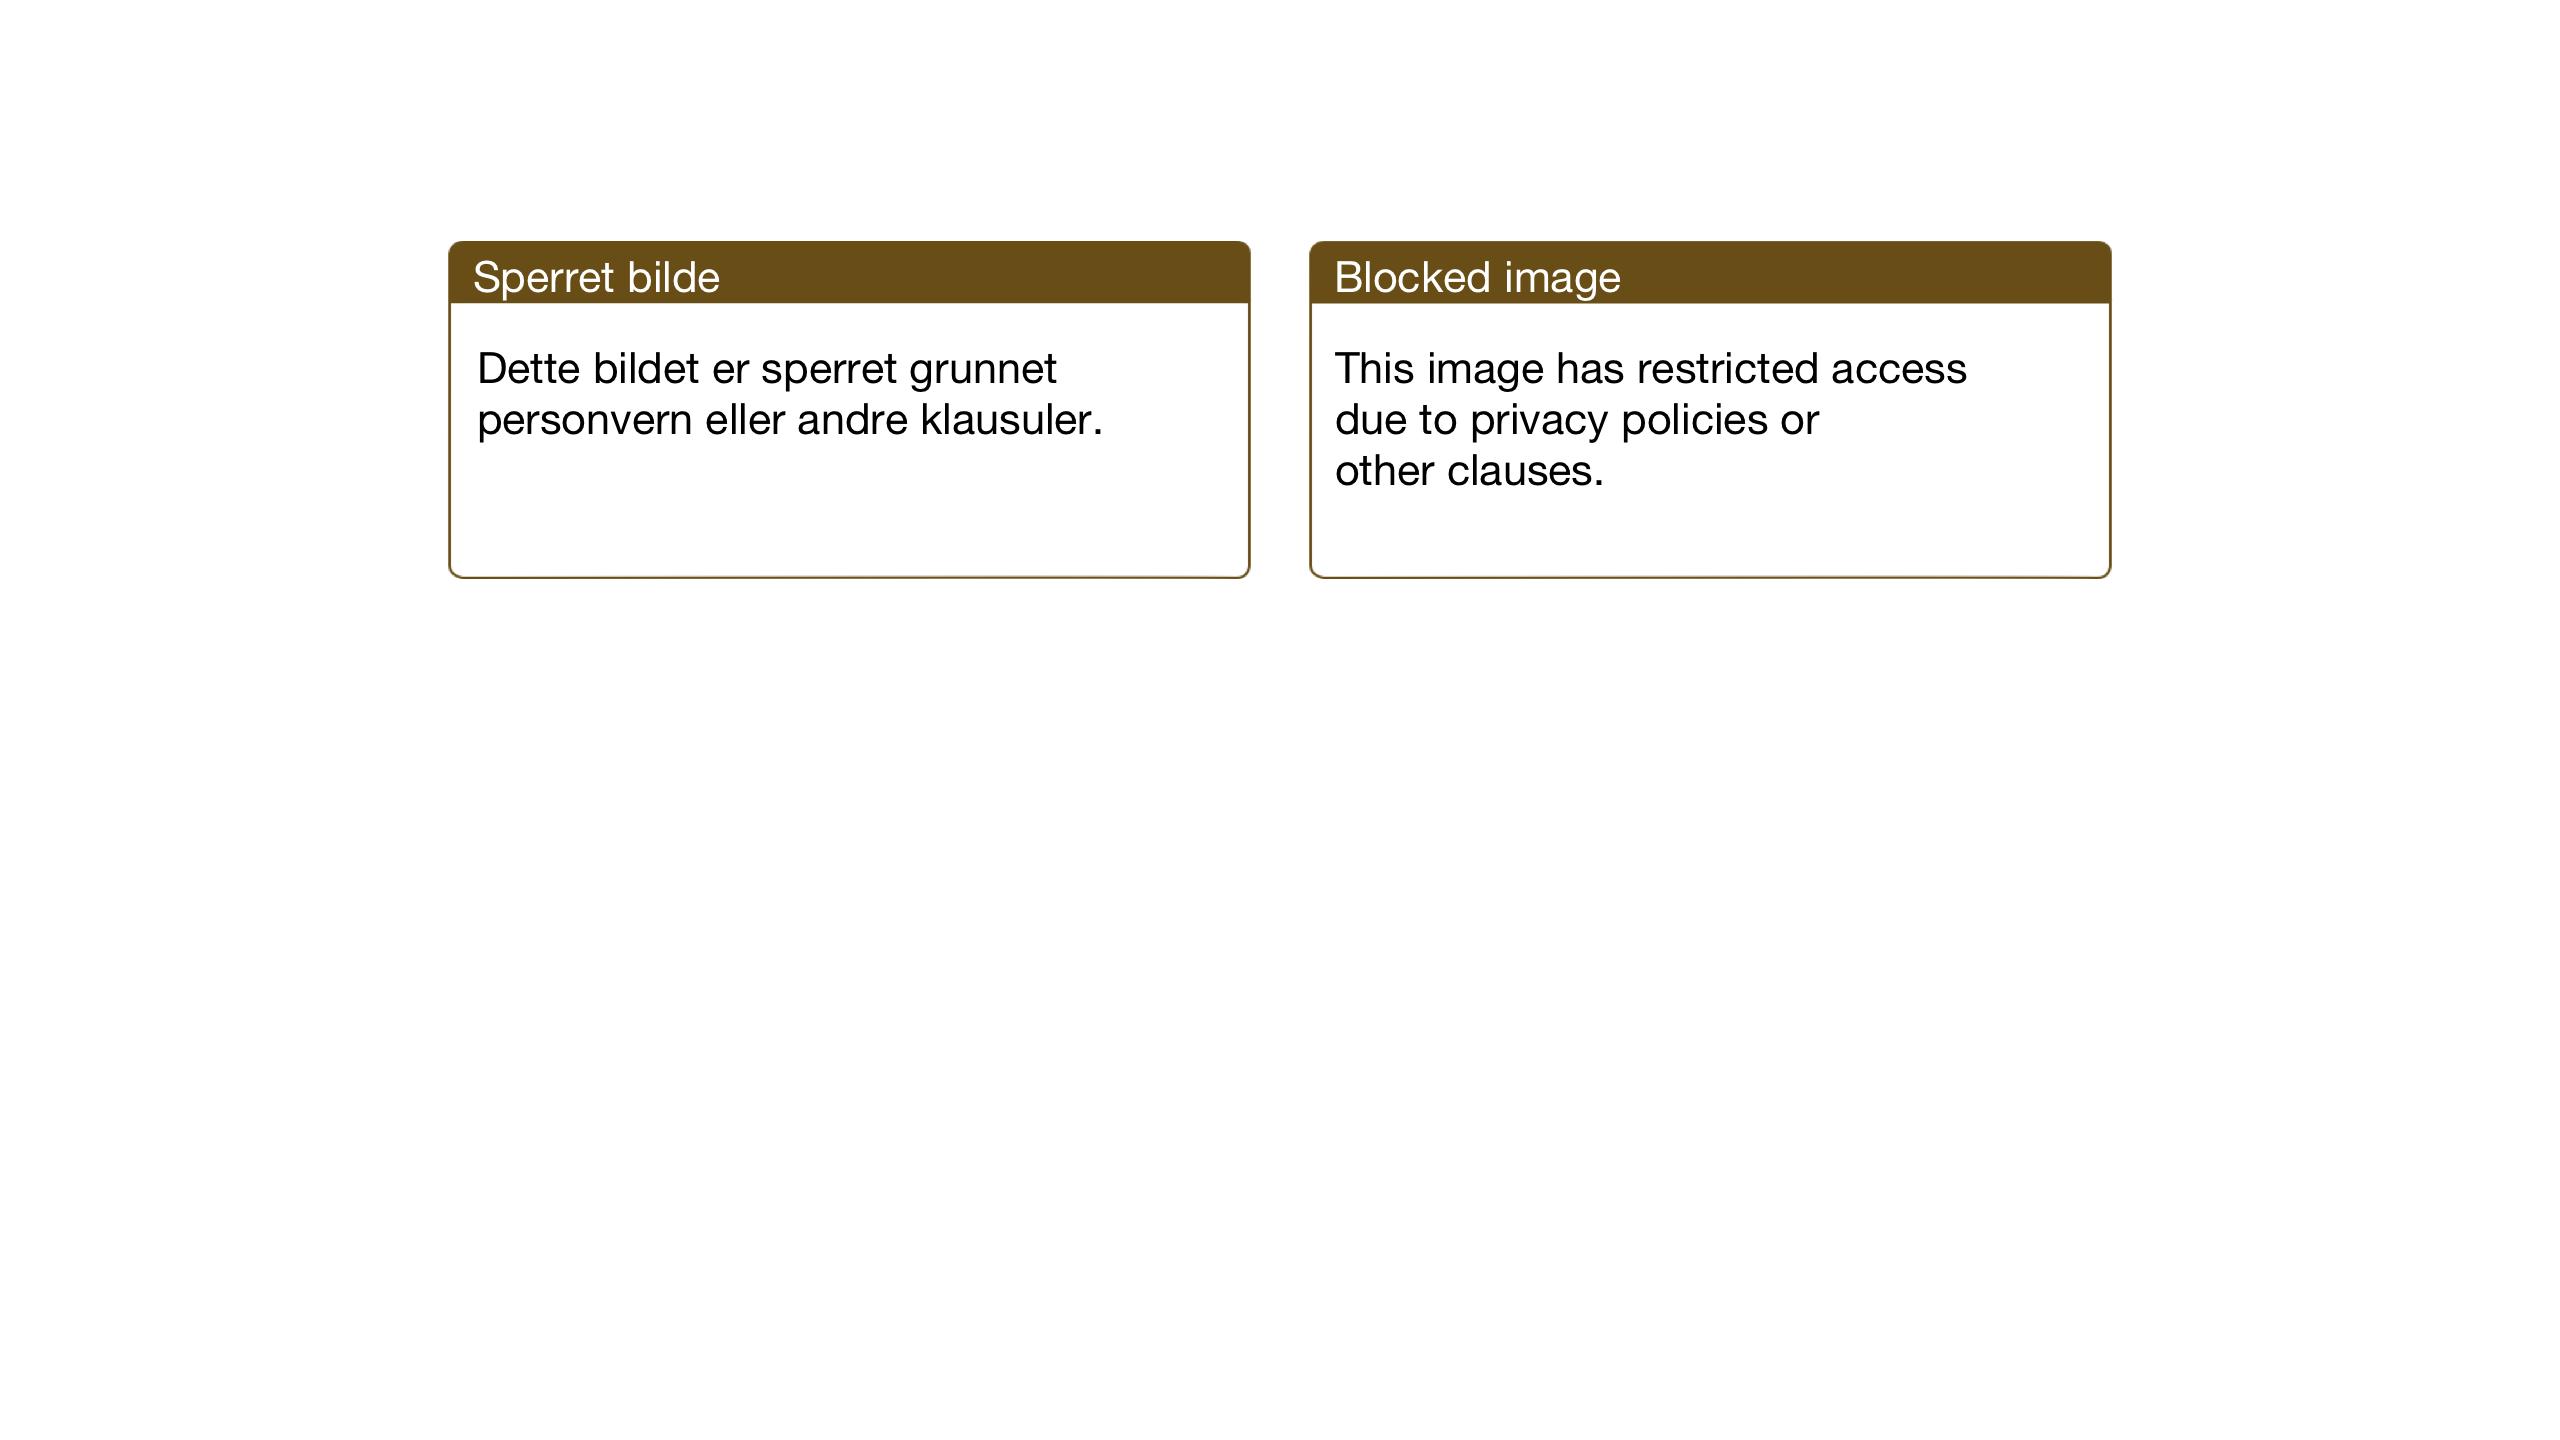 SAT, Ministerialprotokoller, klokkerbøker og fødselsregistre - Sør-Trøndelag, 653/L0658: Klokkerbok nr. 653C02, 1919-1947, s. 78